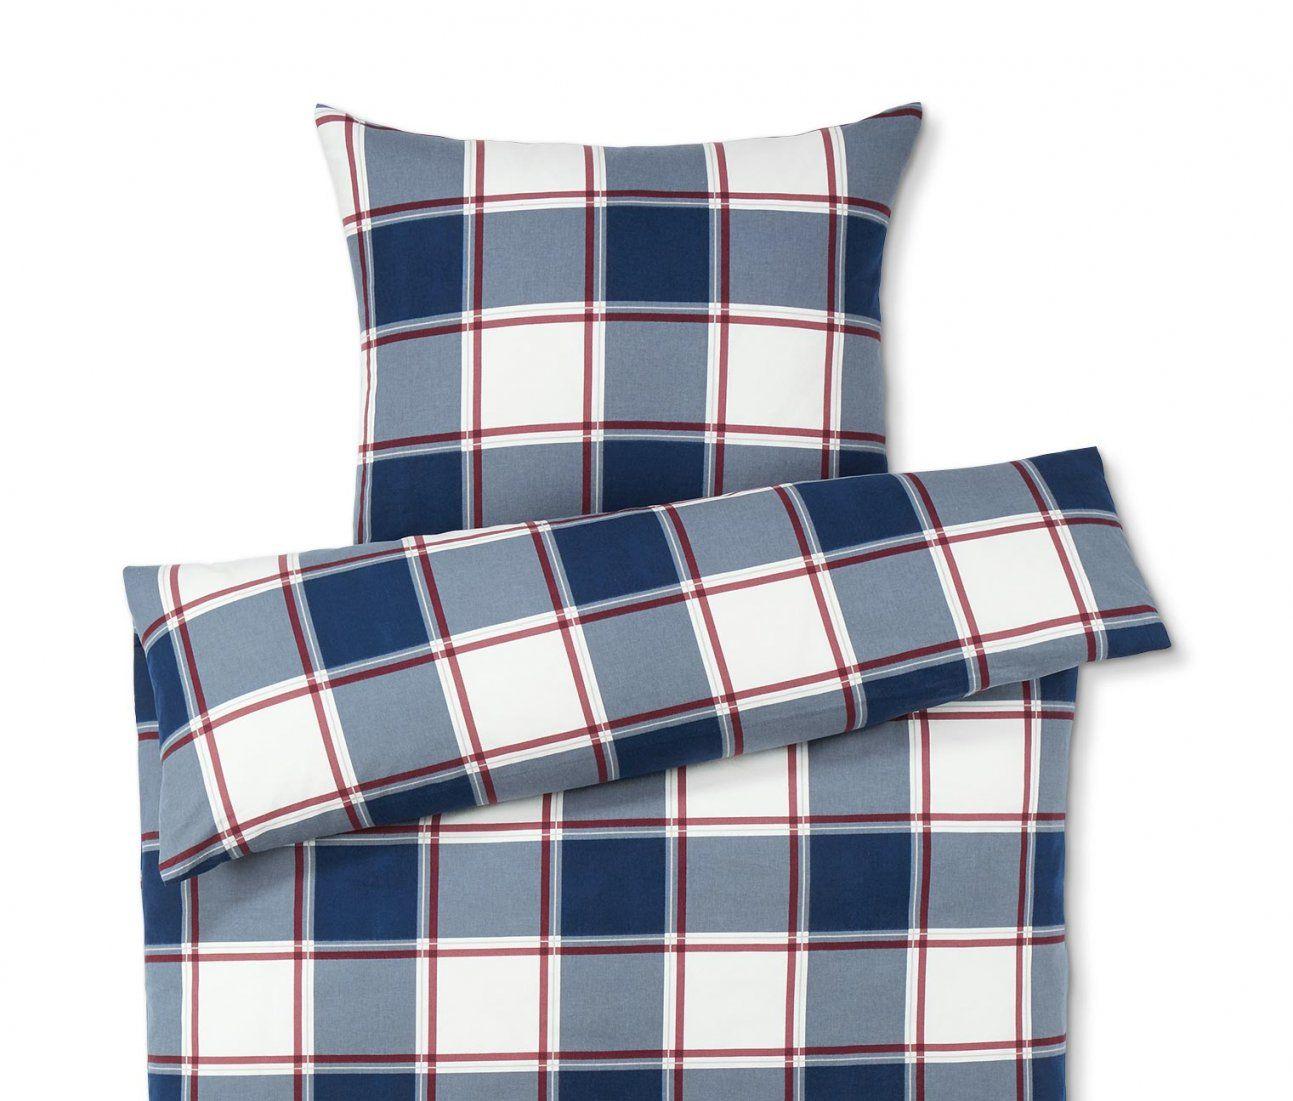 Biberbettwäsche Übergröße Online Bestellen Bei Tchibo 332108 von Tchibo Biber Bettwäsche Photo